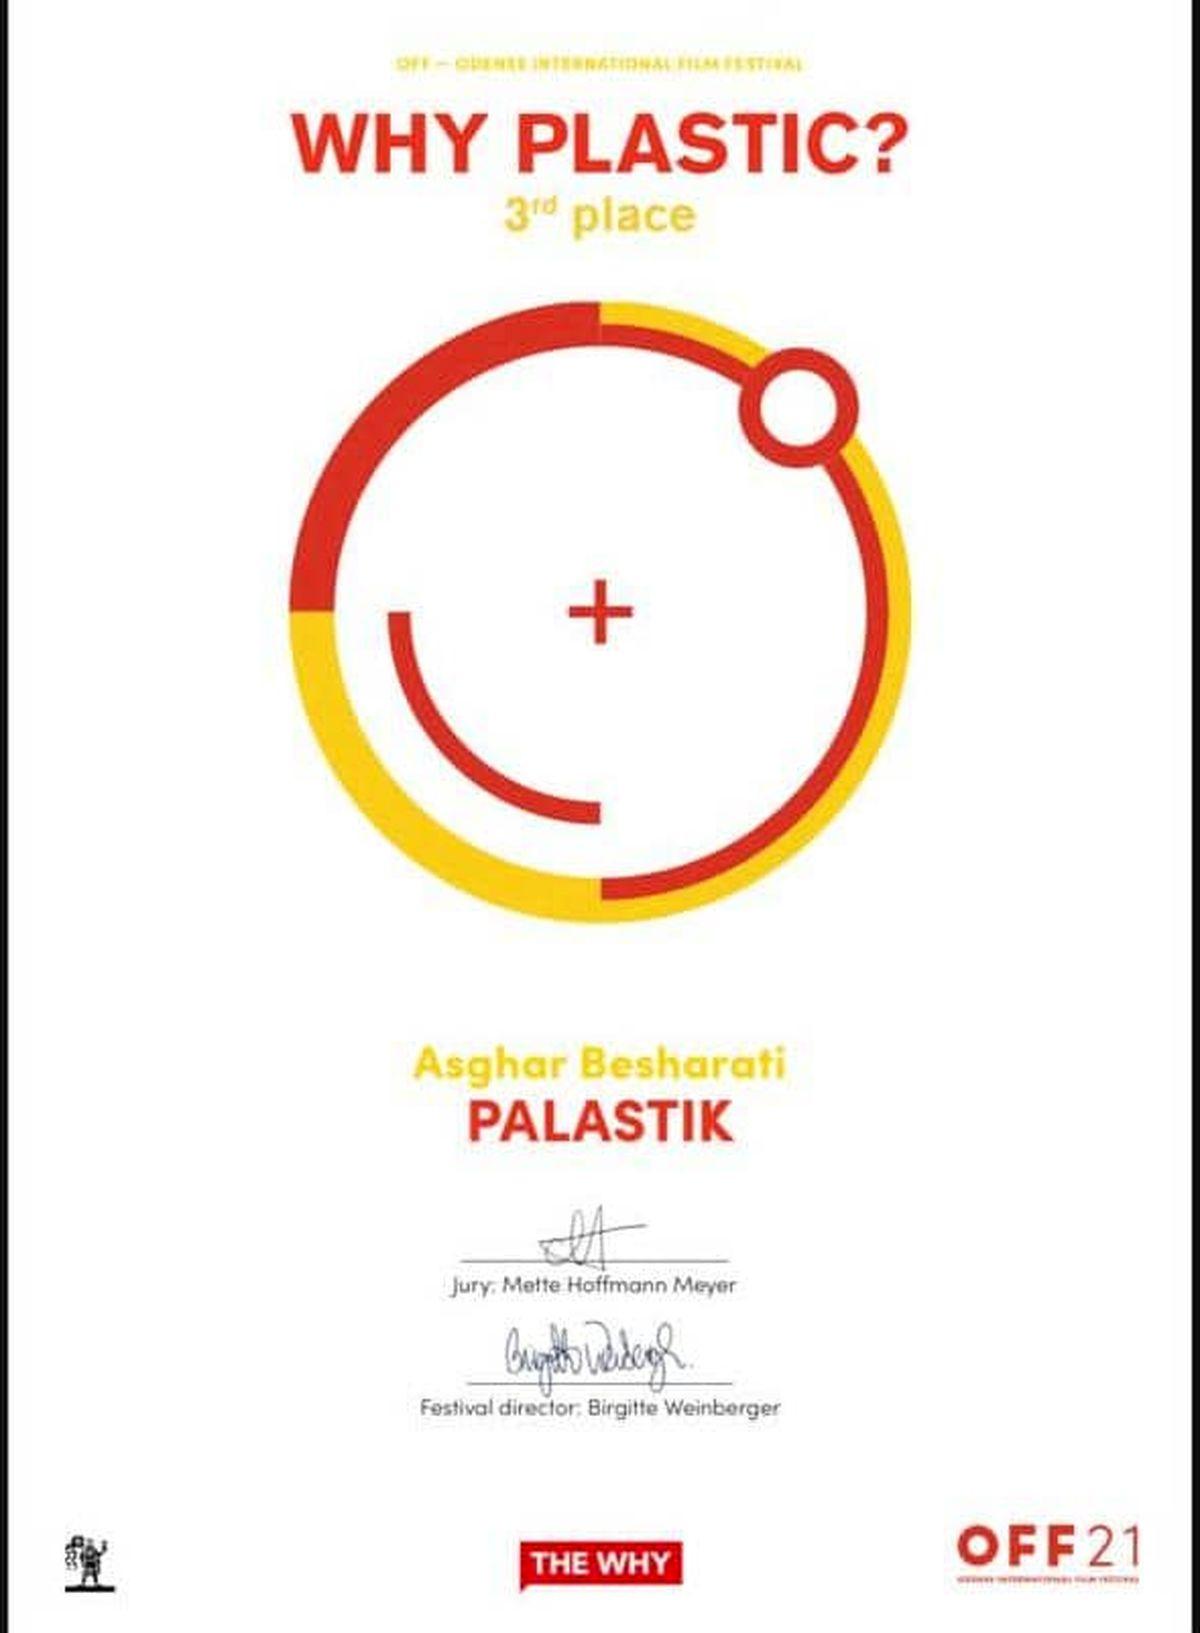 کسب مقام سوم فیلم پلاستیک در جشنواره فیلم های بین المللی اُدنس دانمارک